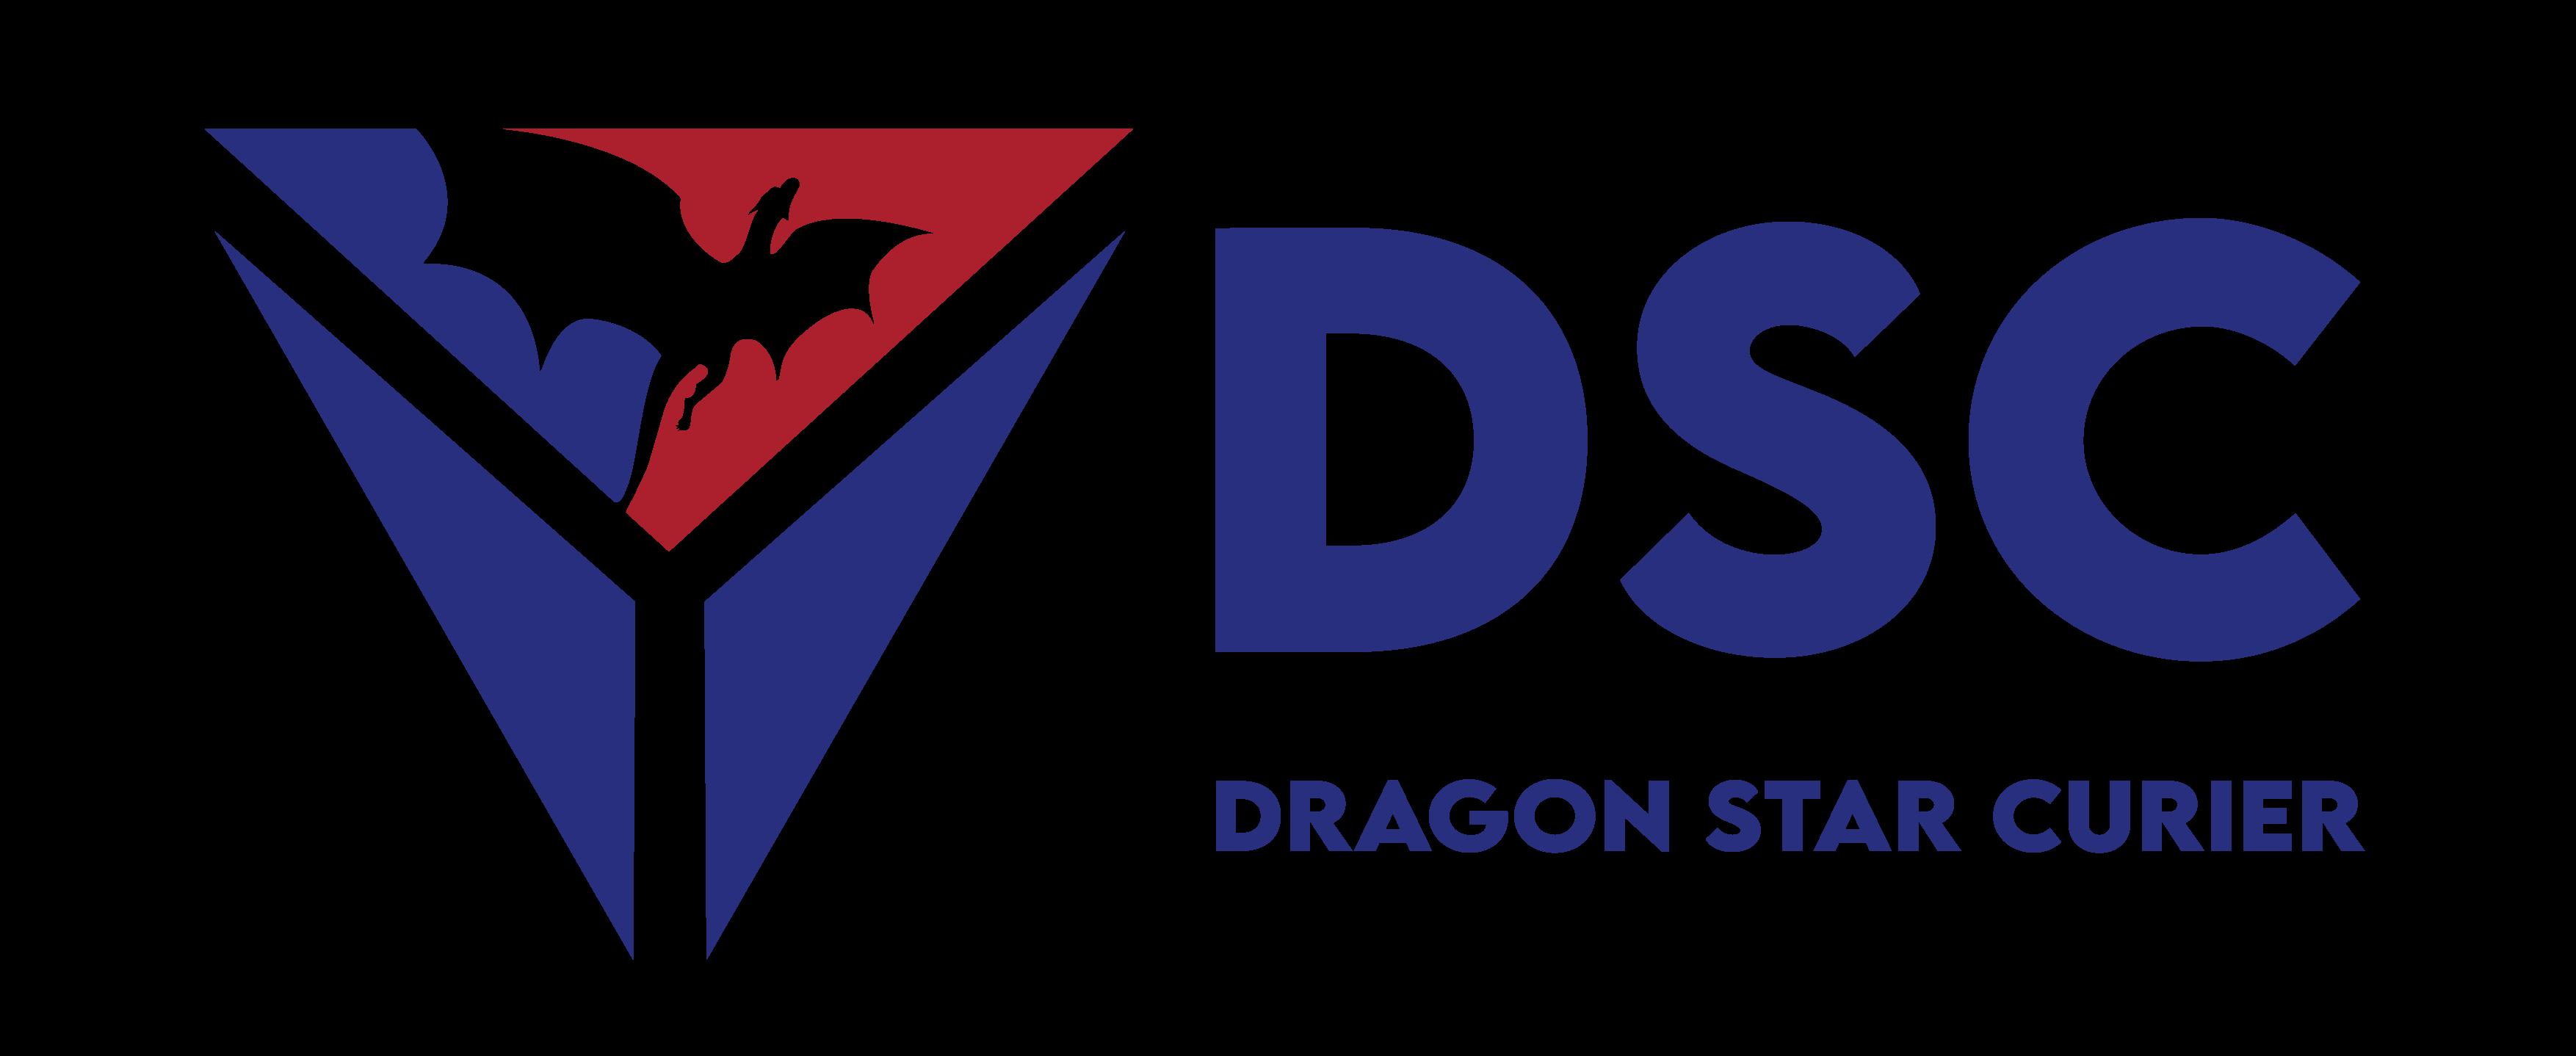 Dragon Star Curier